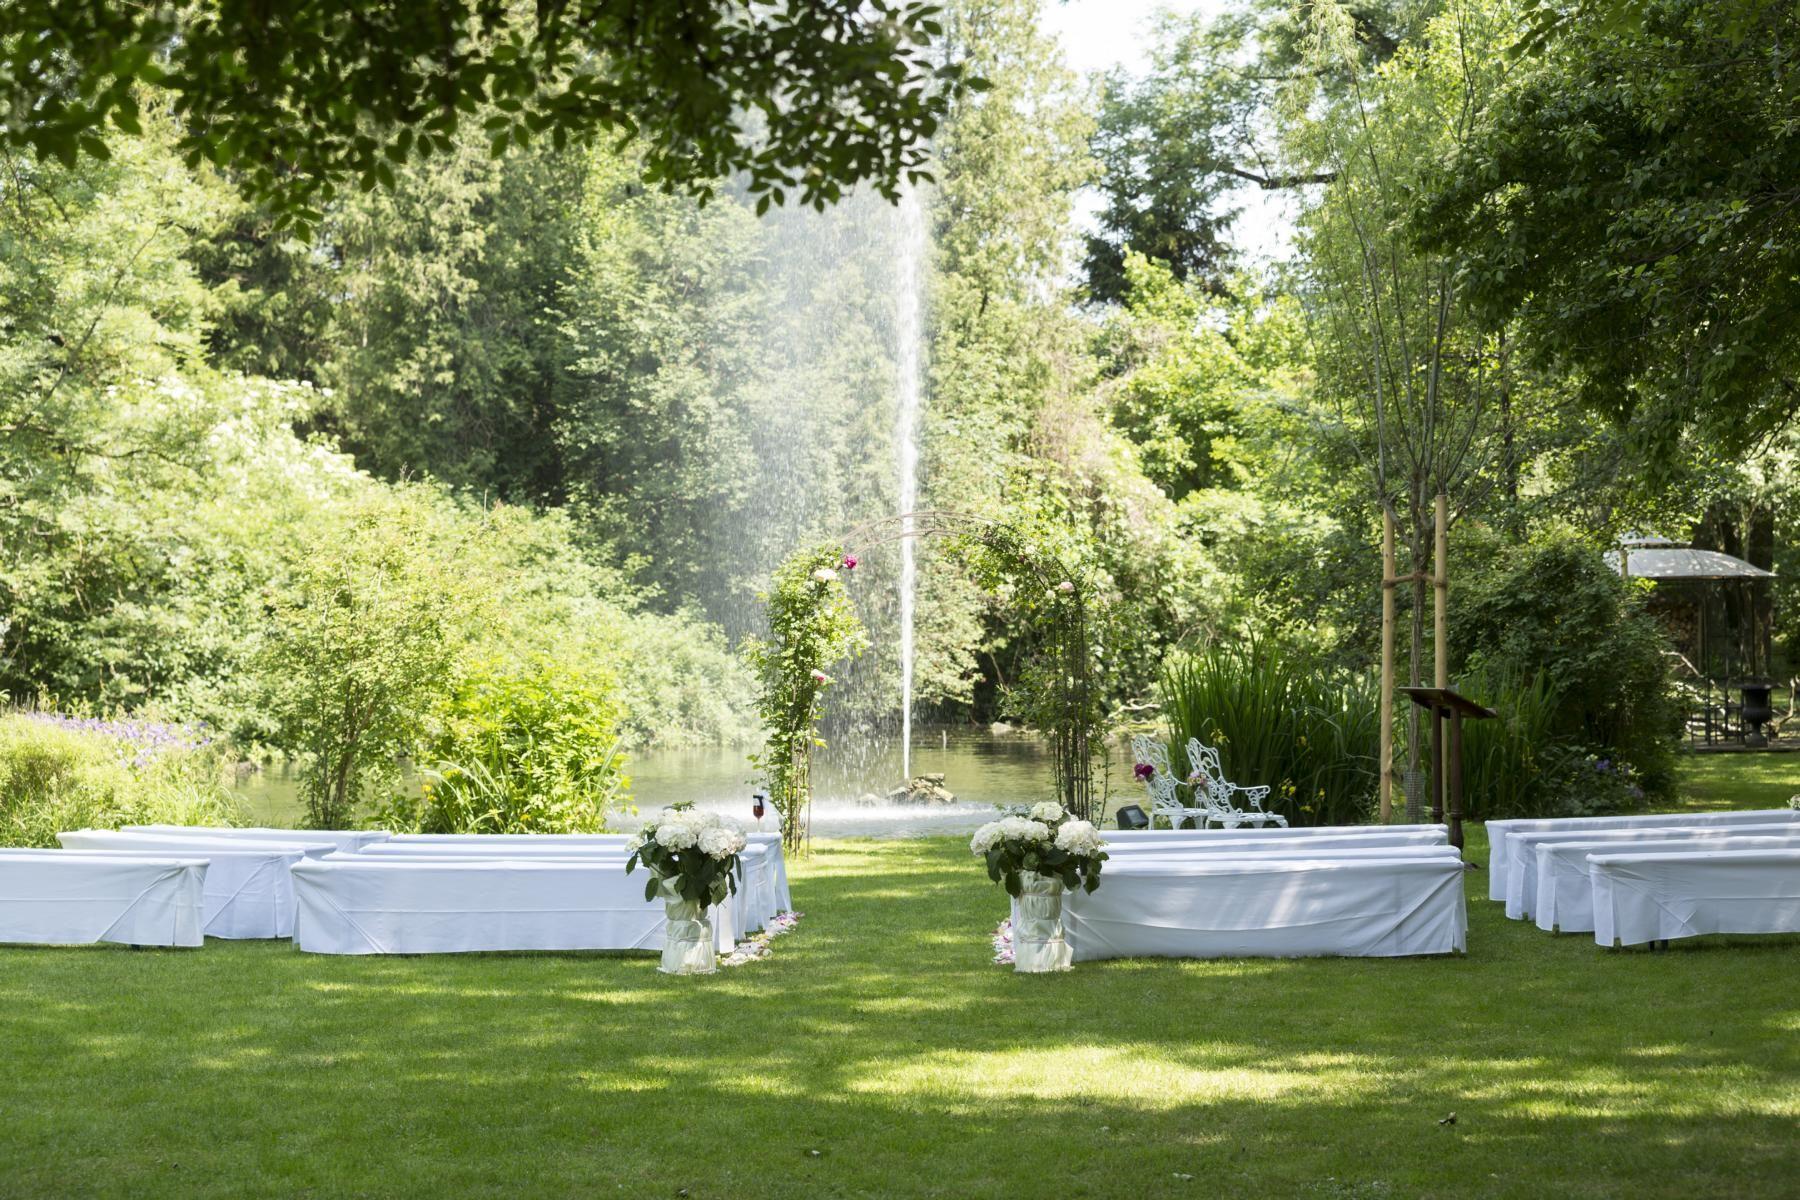 Freie Trauungszeremonie Trauredner Nichtkirchliche Trauung Hochzeitszeremonie Alternative Trauung Bestuhlung Hochzeitsplanung Hochzeit Hochzeit Zeremonie